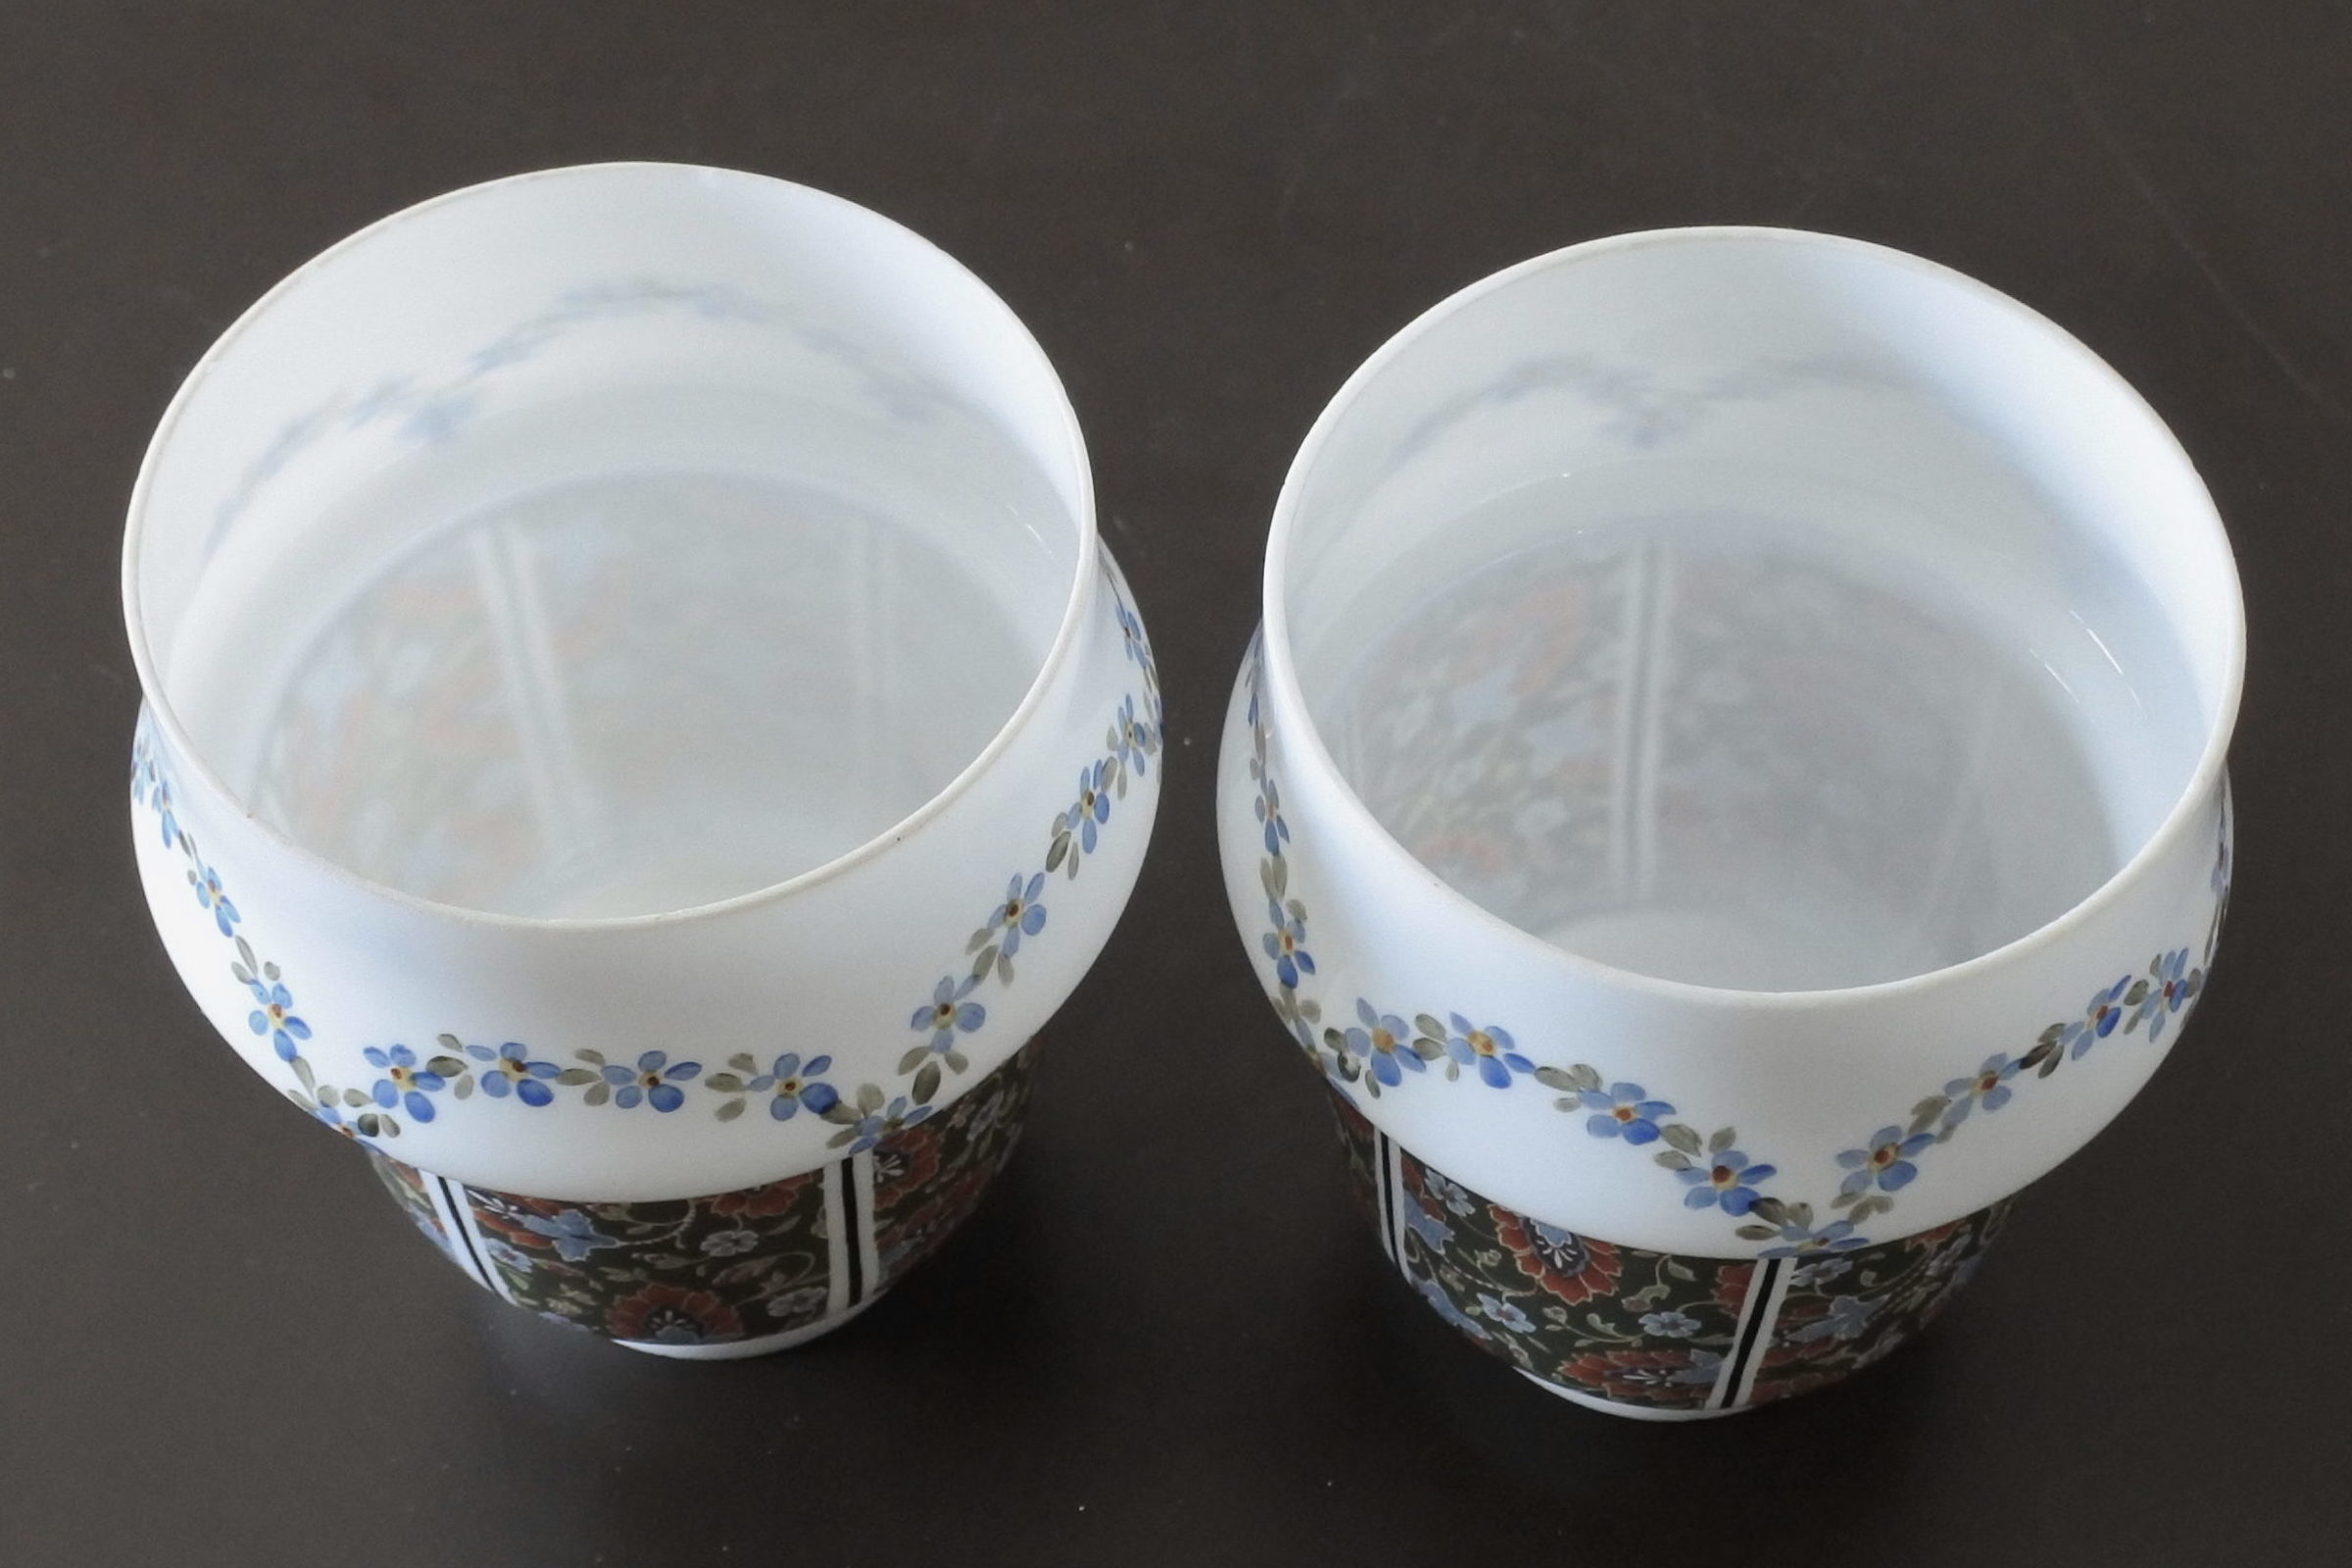 Coppia di tulipes per appliques in vetro opalino decorato con fiori - 2